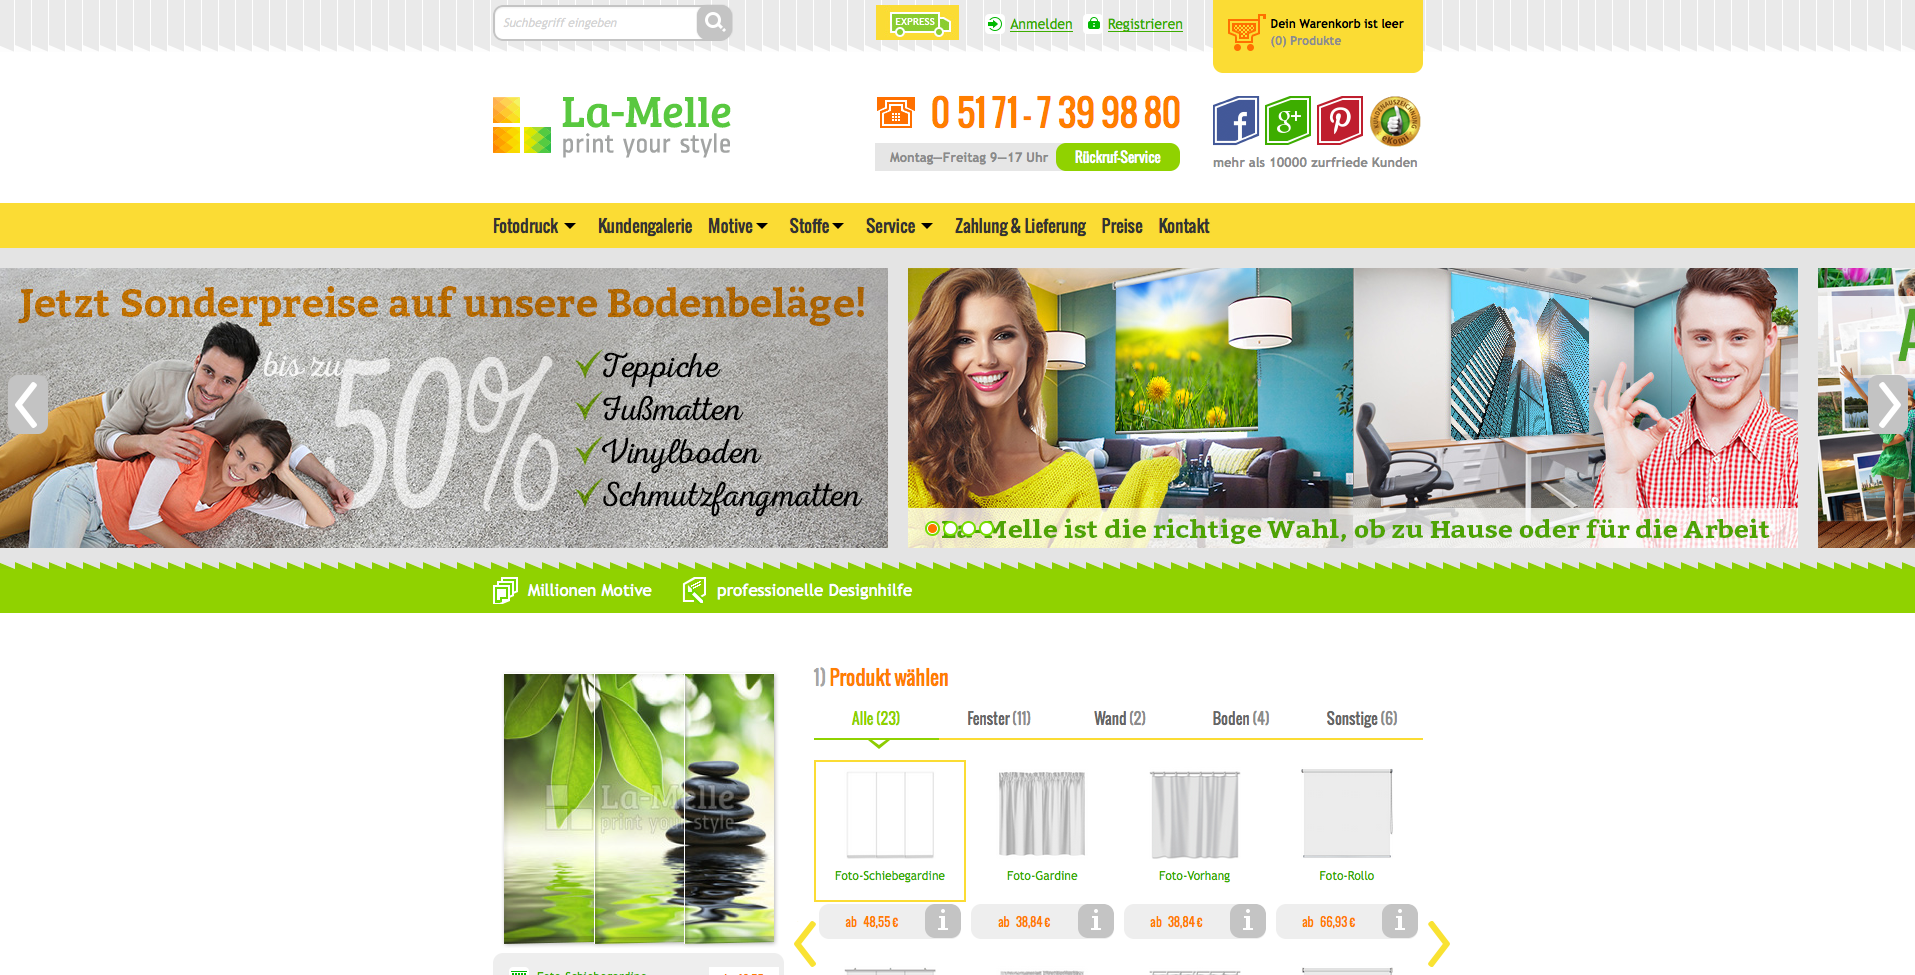 La-Melle Gutschein